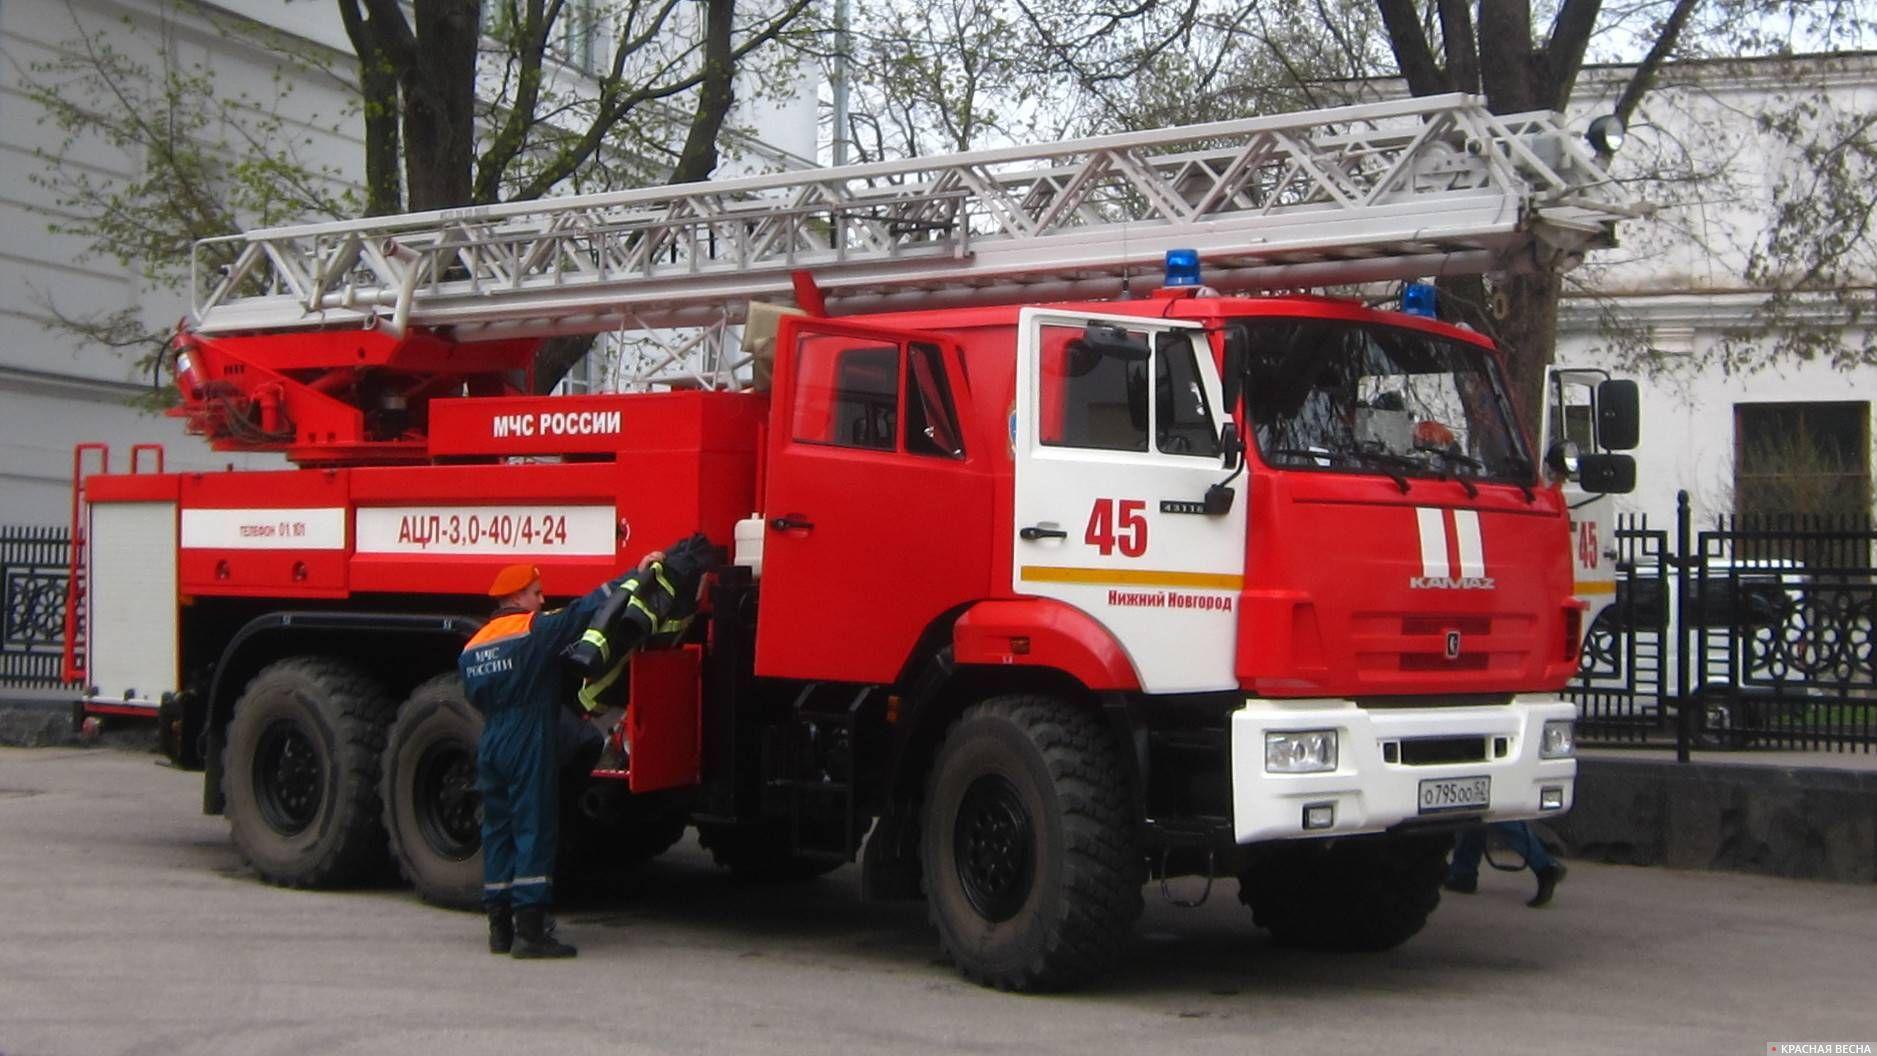 Автоцистерна пожарная с лестницей АЦЛ-3.0-40_4-24